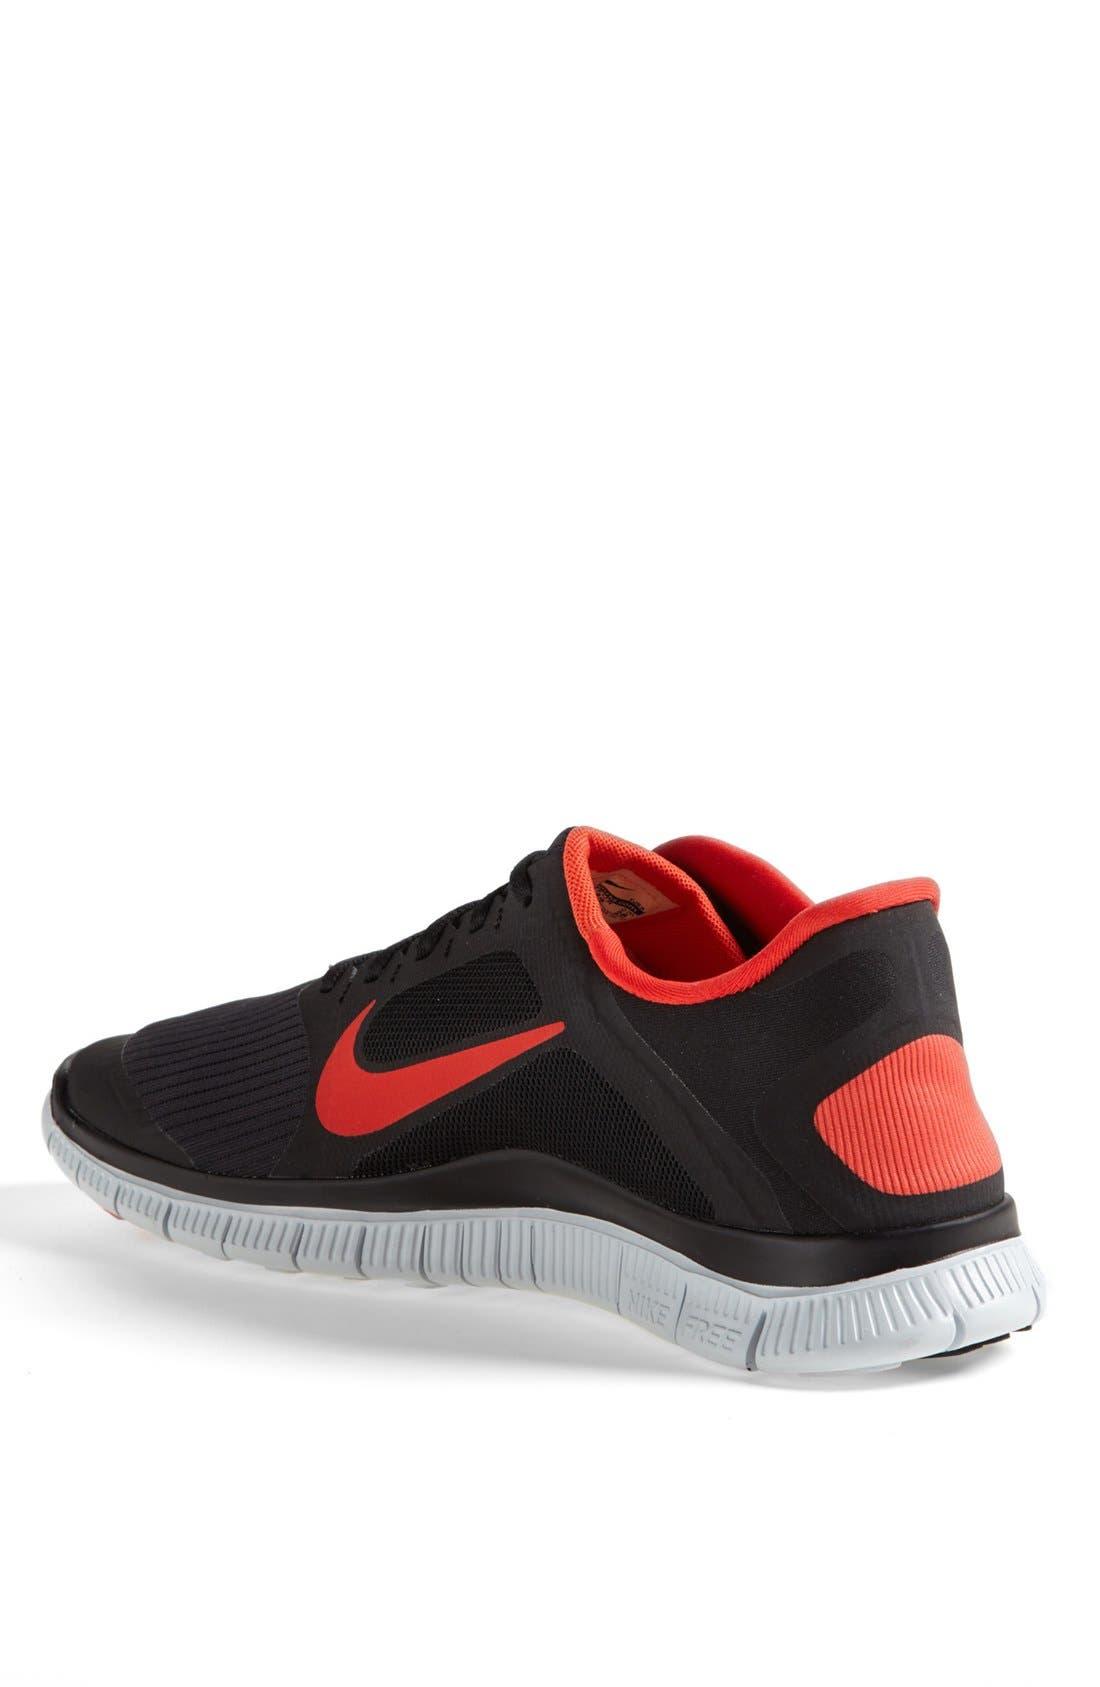 Alternate Image 2  - Nike 'Free 4.0 V3' Running Shoe (Men)